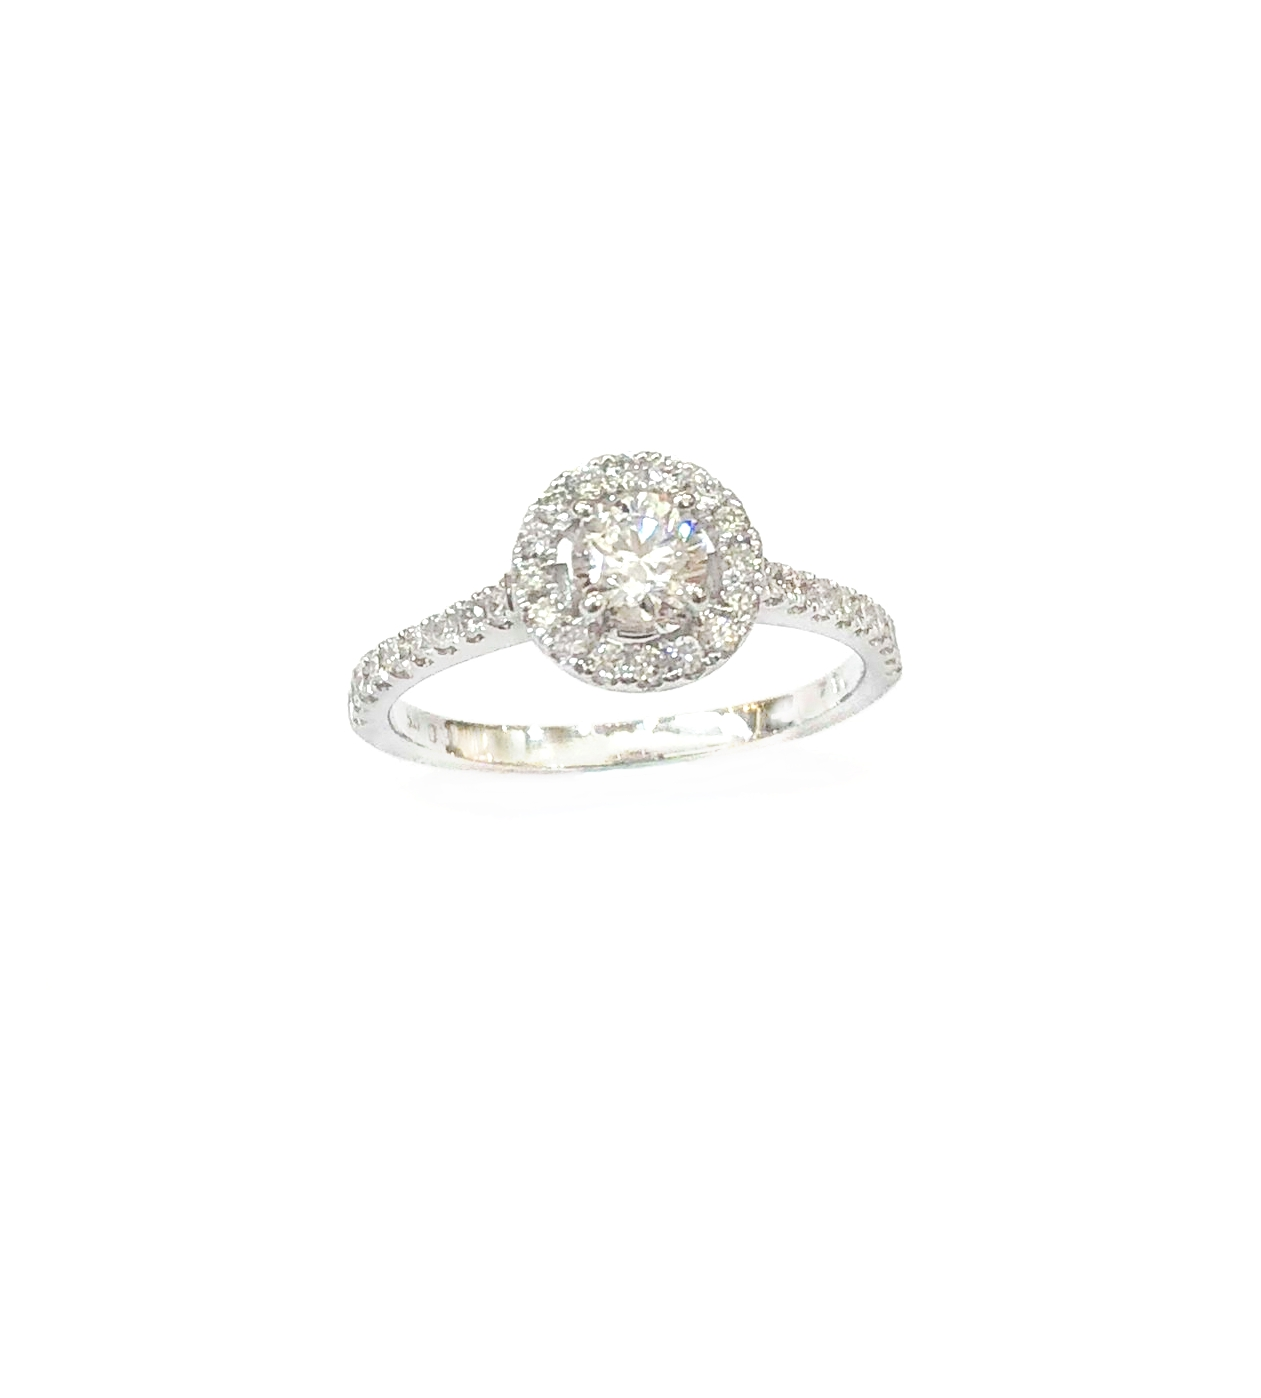 A7791 GIA天然鑽石戒指 主石0.31克拉 八箭八心